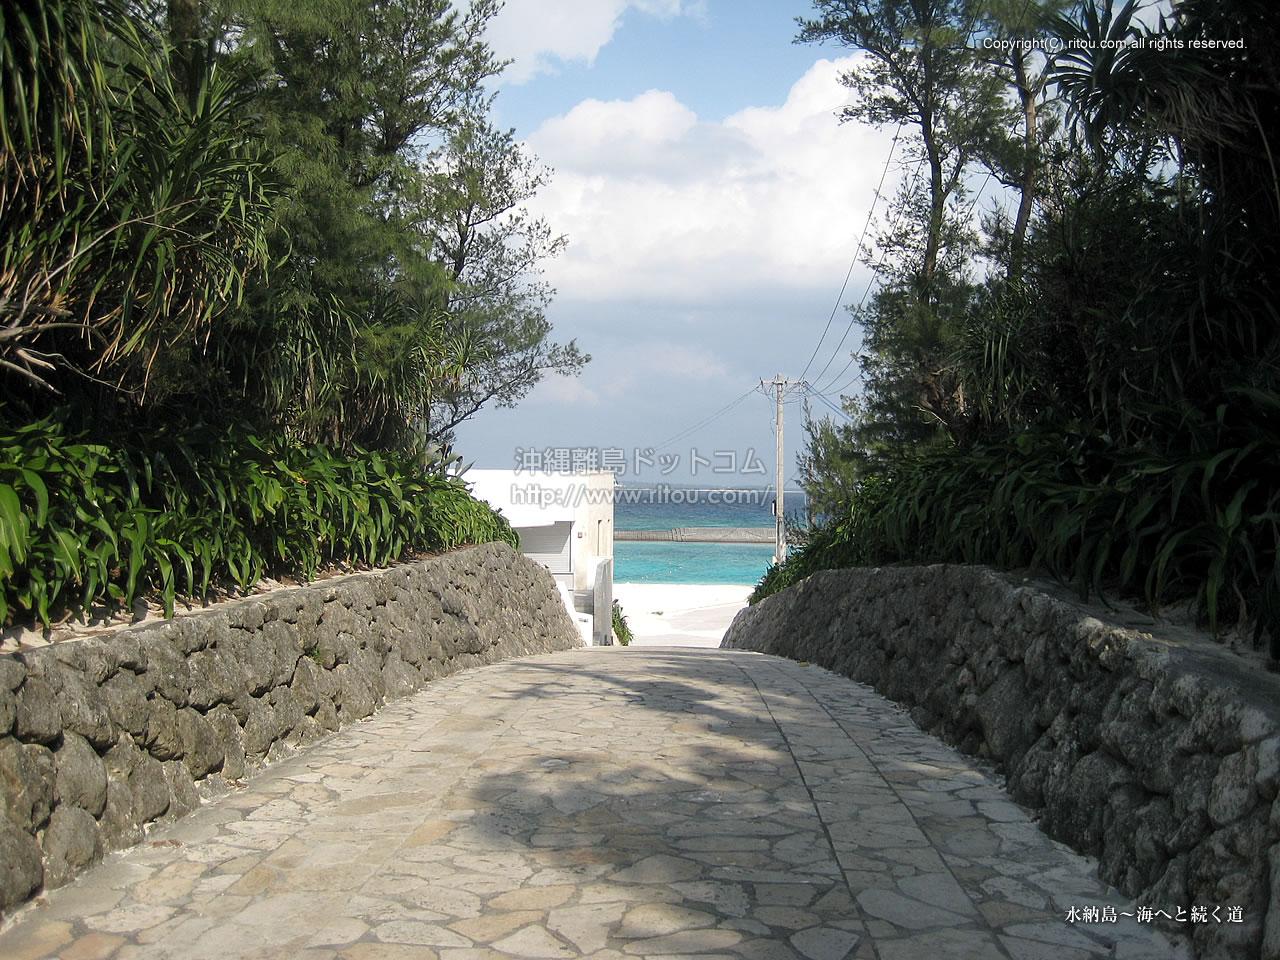 水納島〜海へと続く道